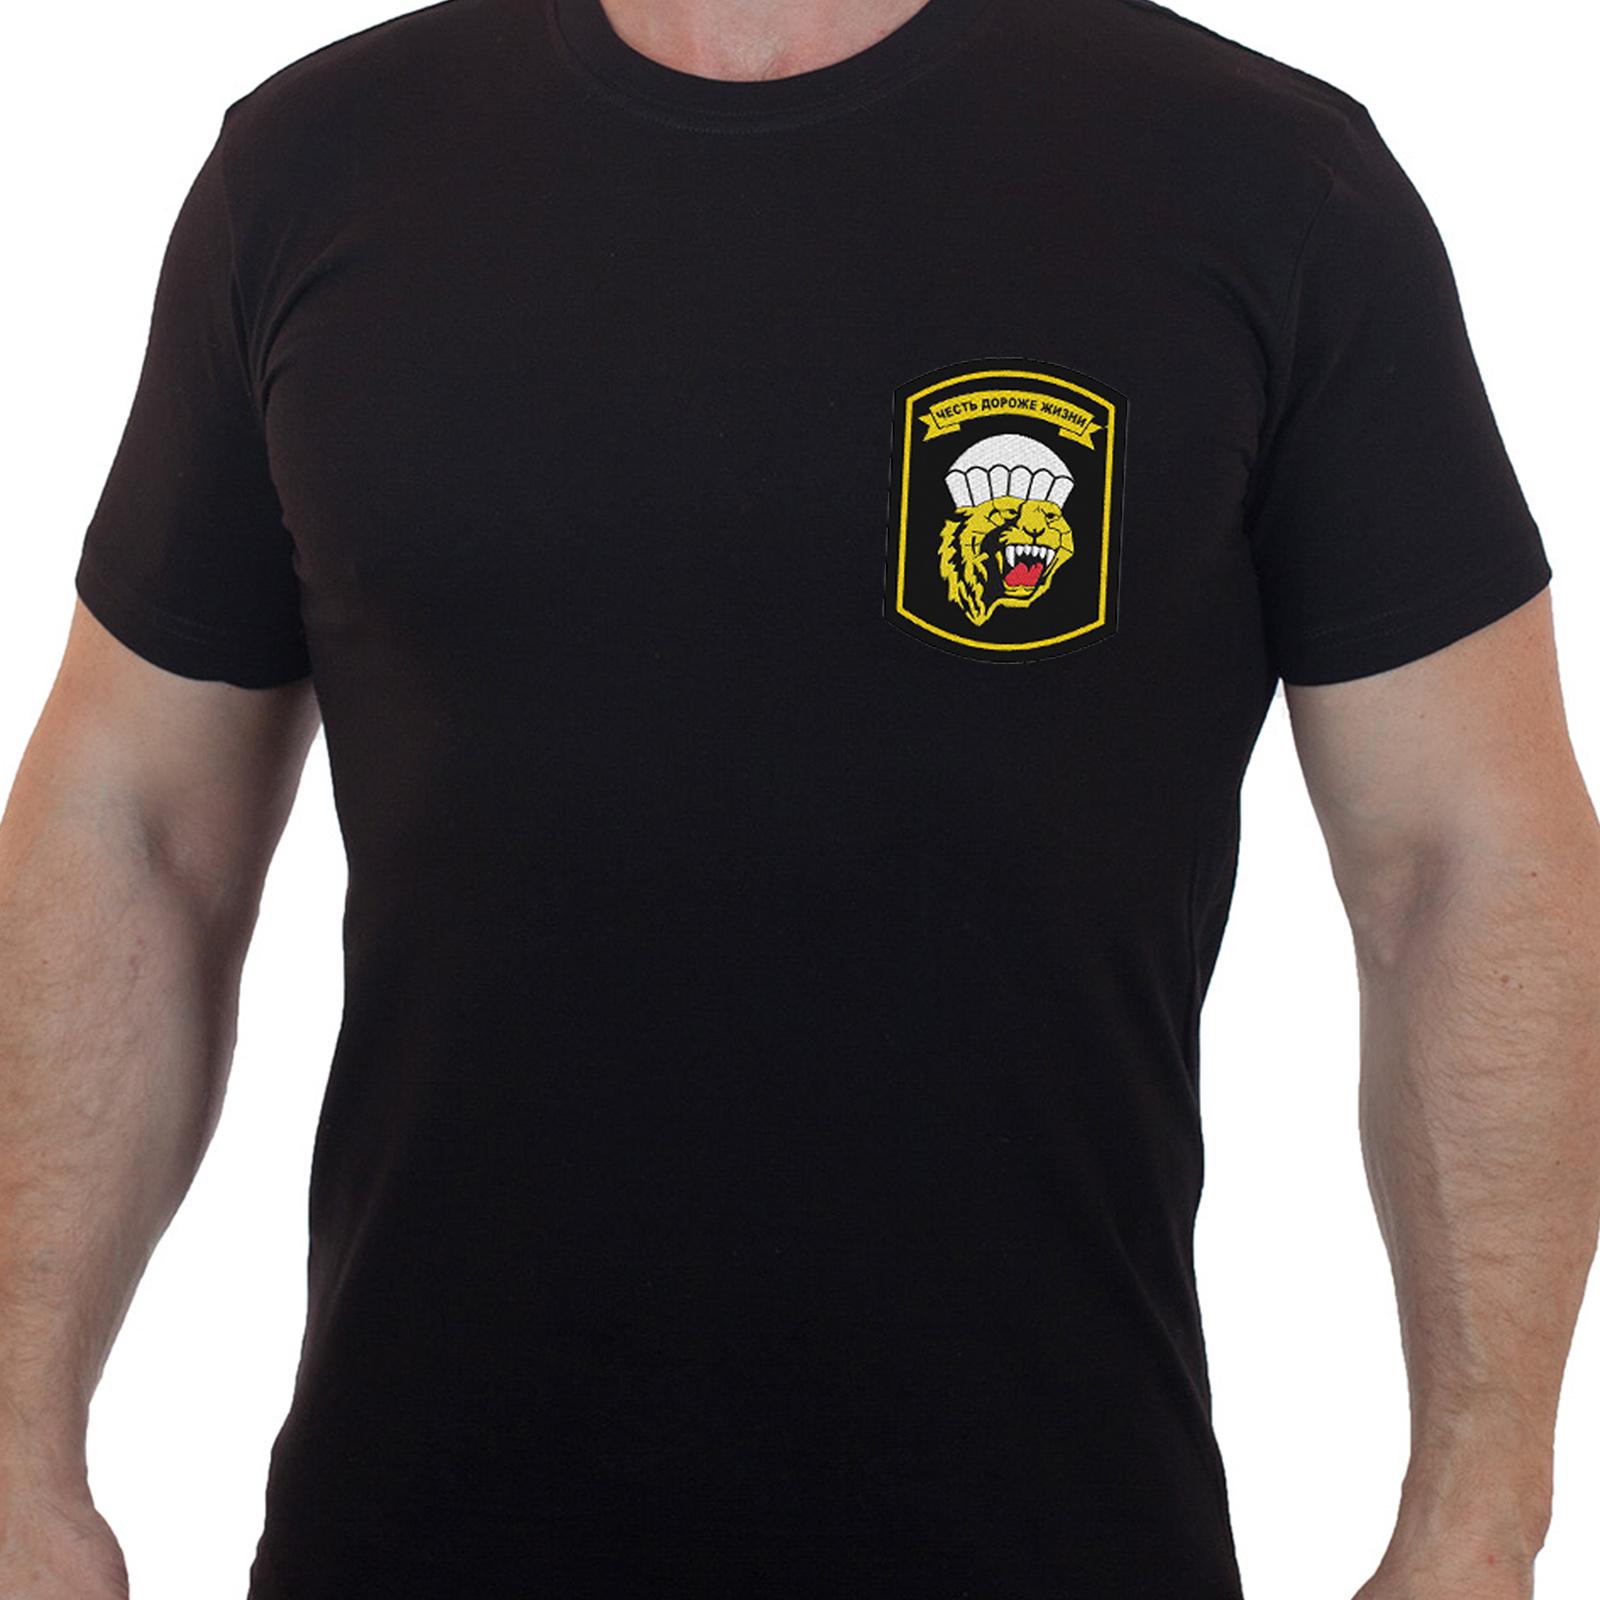 Дизайнерская армейская футболка с вышитым шевроном ВДВ 83 ОДШБр - купить оптом и в розницу